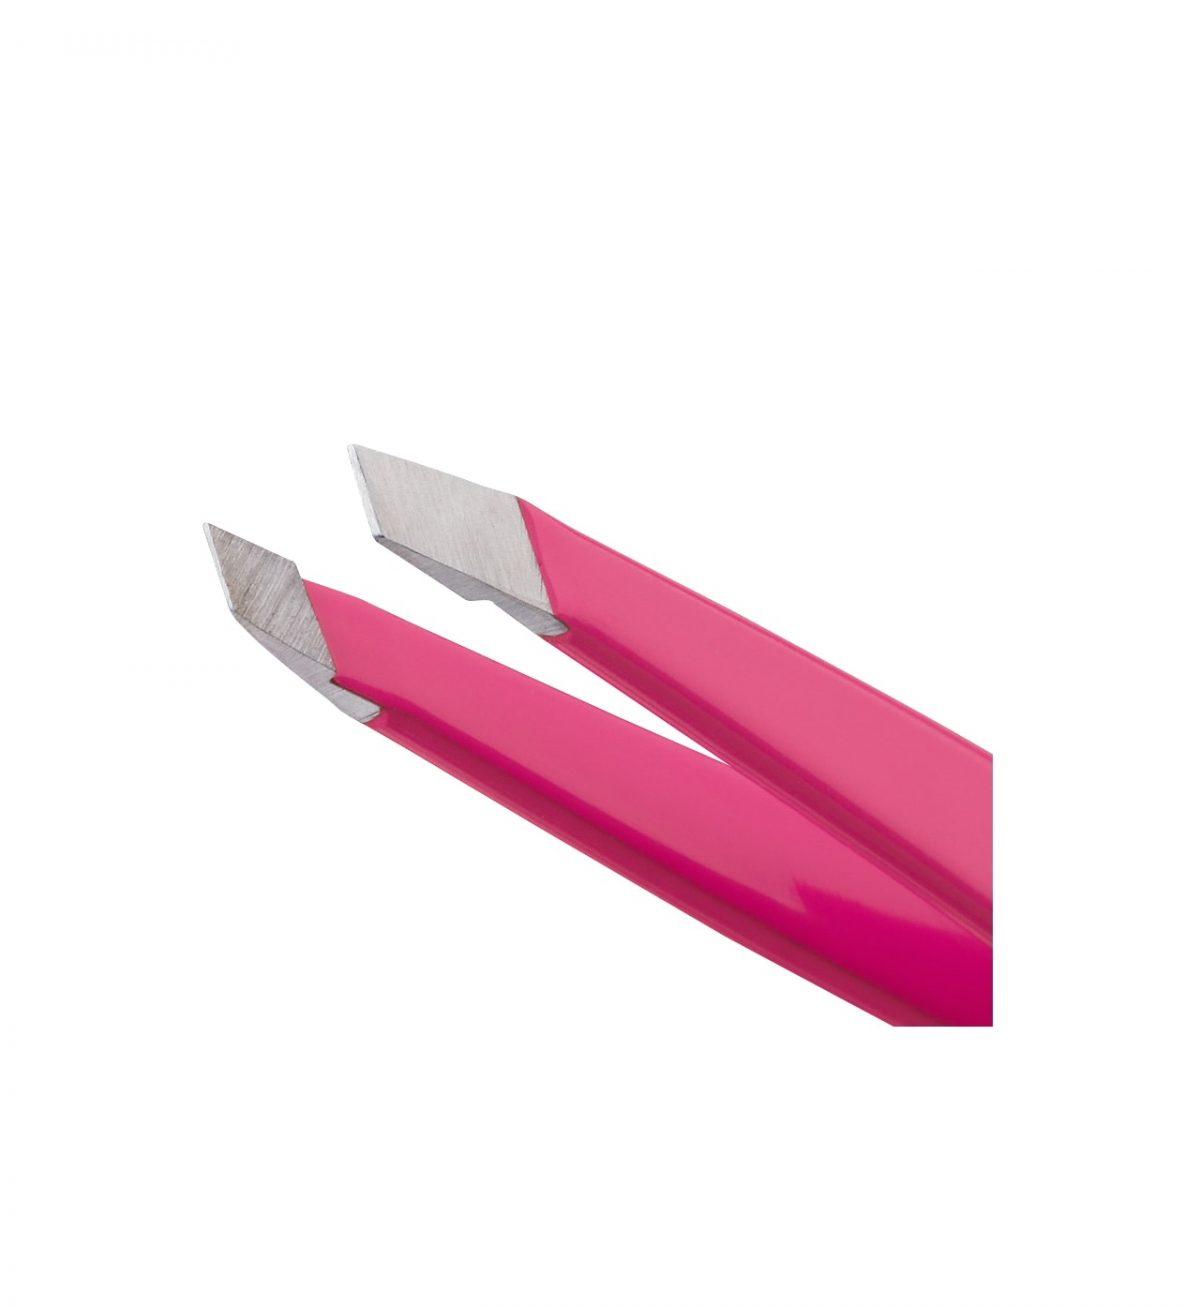 Mini Slant Tweezer, Neon Rosa - POPULÆR PINSETT I REISESTØRRELSE - Tweezerman